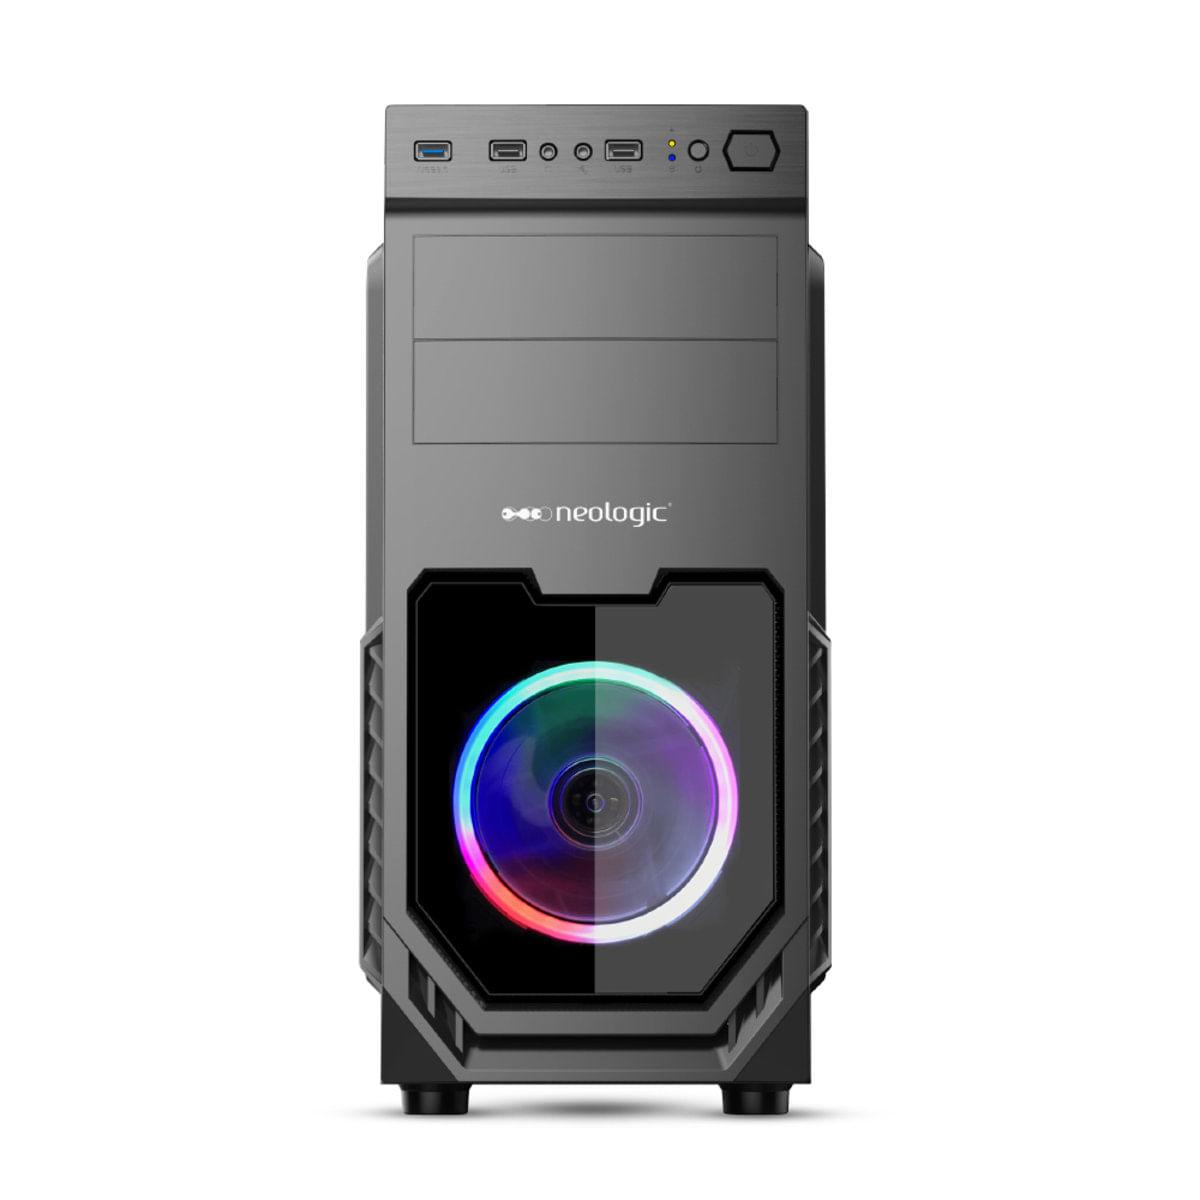 Desktop Neologic Gamer Nli81615 Amd Ryzen 3 3200g 3.60ghz 8gb 240gb Amd Radeon Vega 8 Windows 10 Pro Sem Monitor